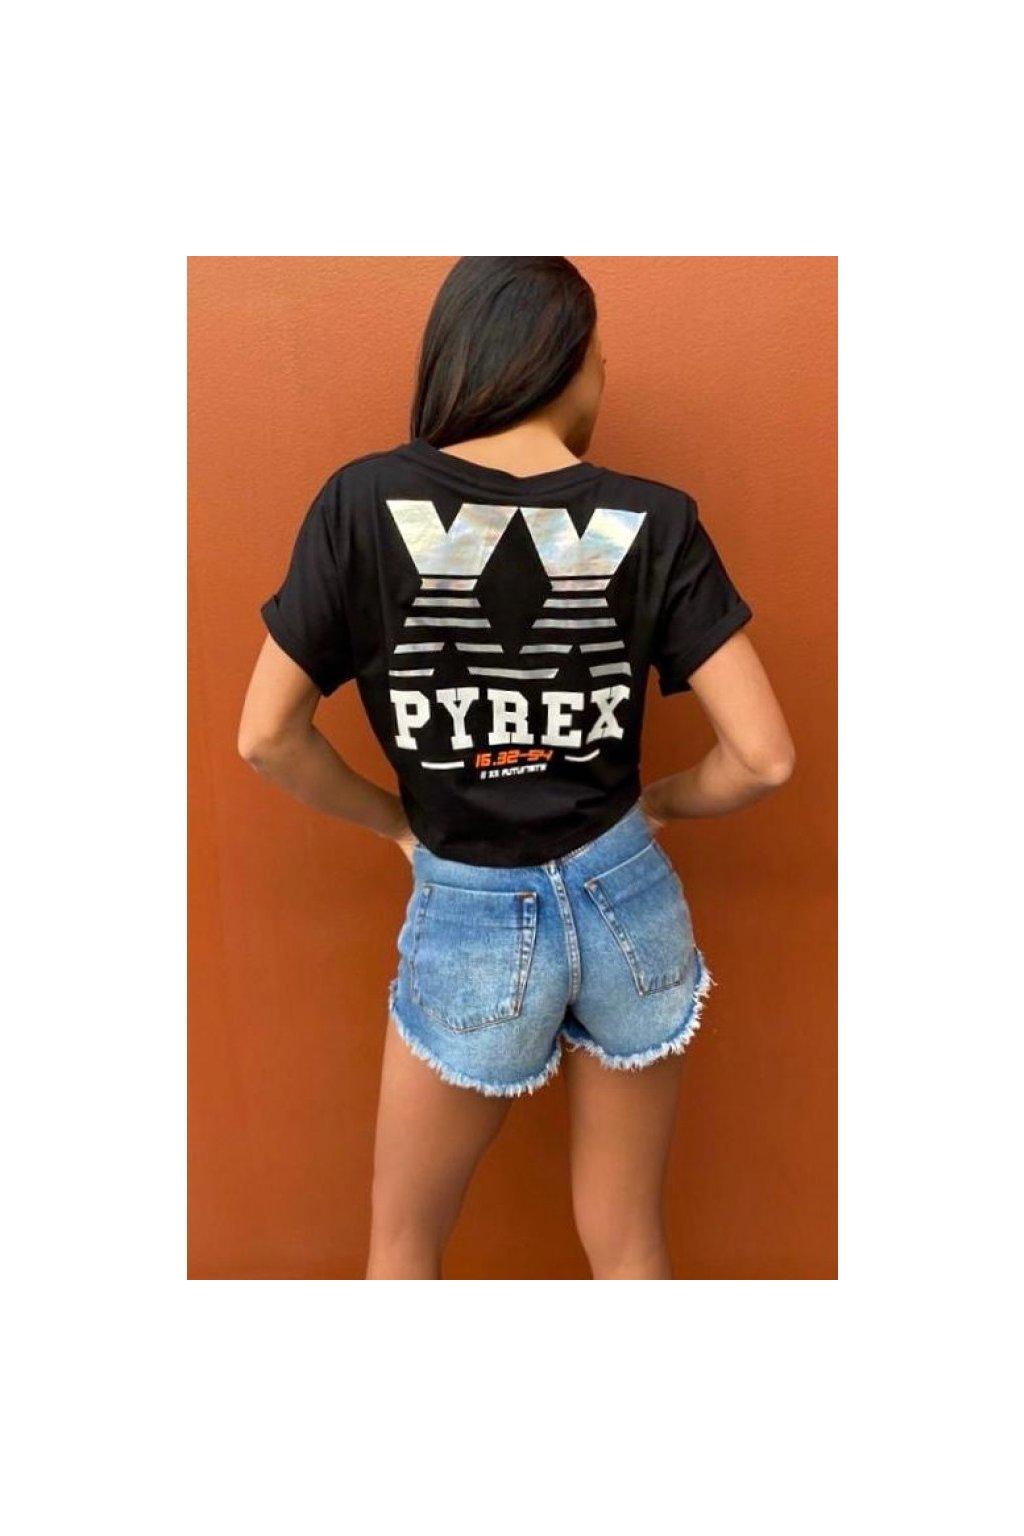 Krátké tričko s nápisem na zádech, PYREX - černé (Velikost Velikost M)